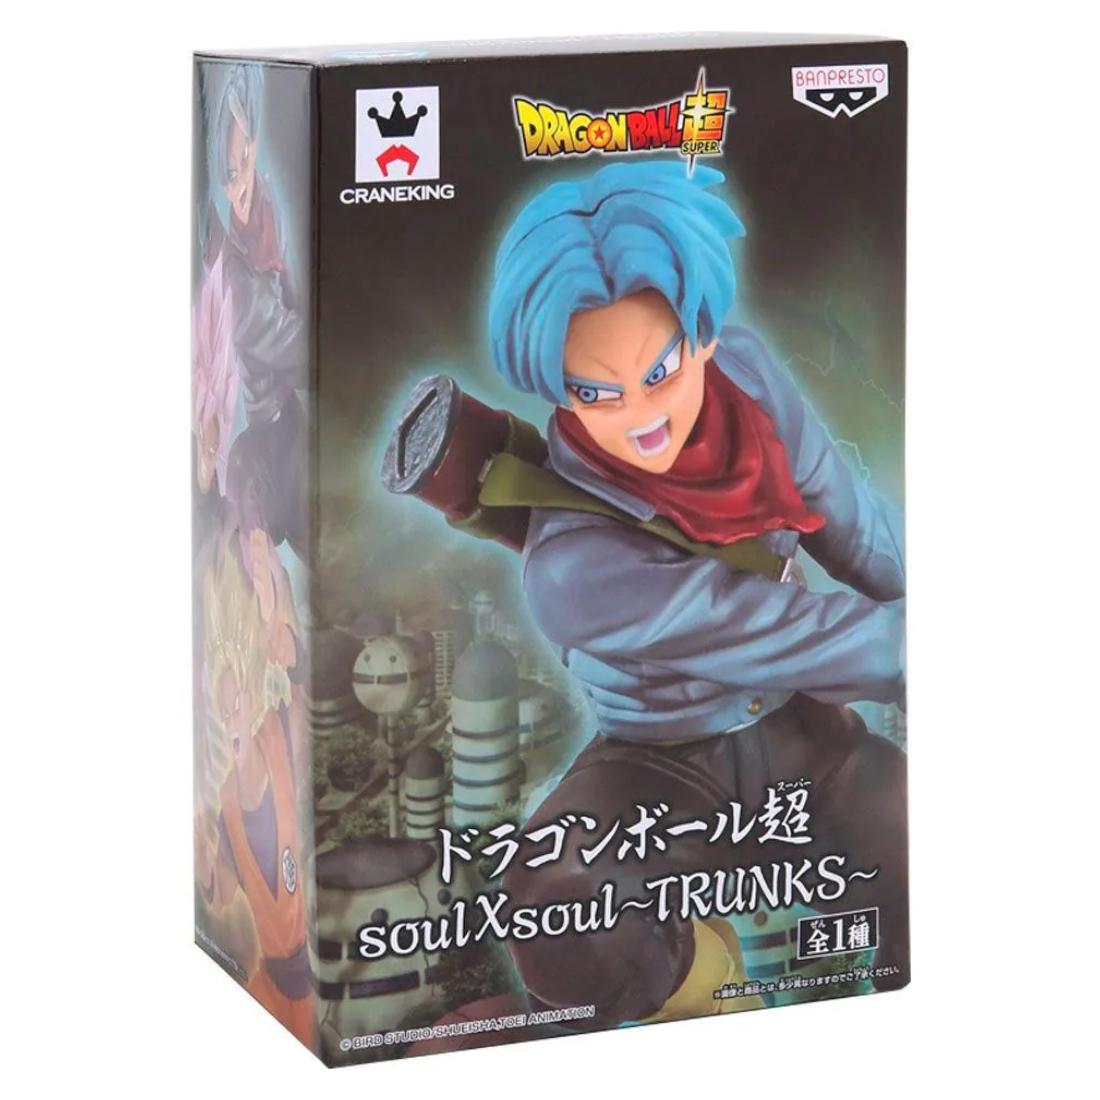 Banpresto Dragon Ball Super Soul x Soul Trunks